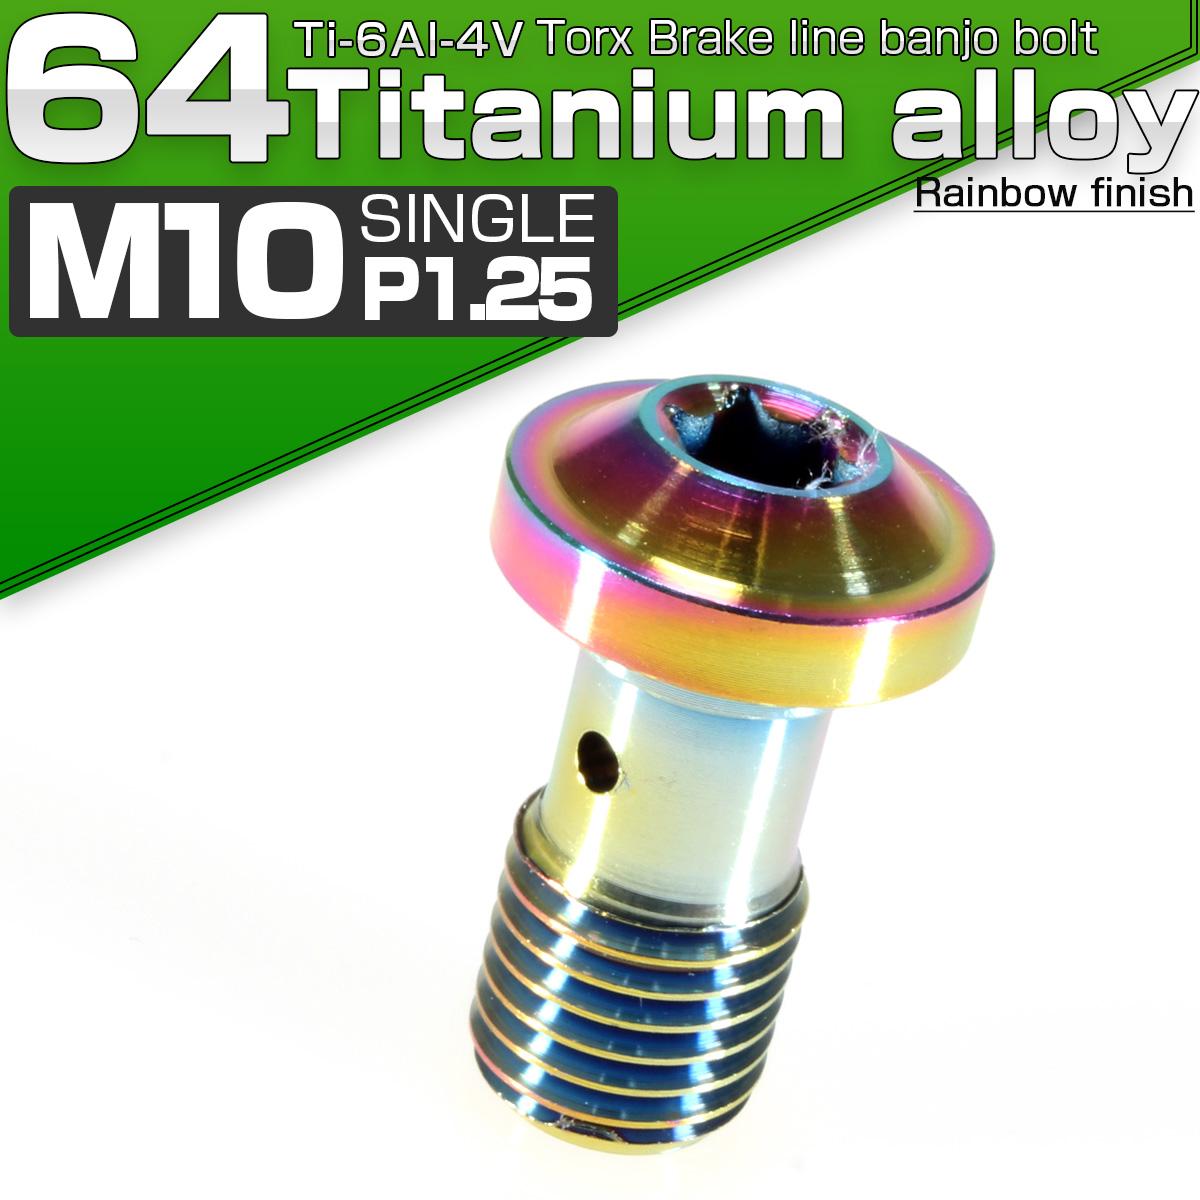 【ネコポス可】 64チタン製 M10 P=1.25 トルクスヘッド ブレーキライン バンジョーボルト シレインボー チタンボルト JA269